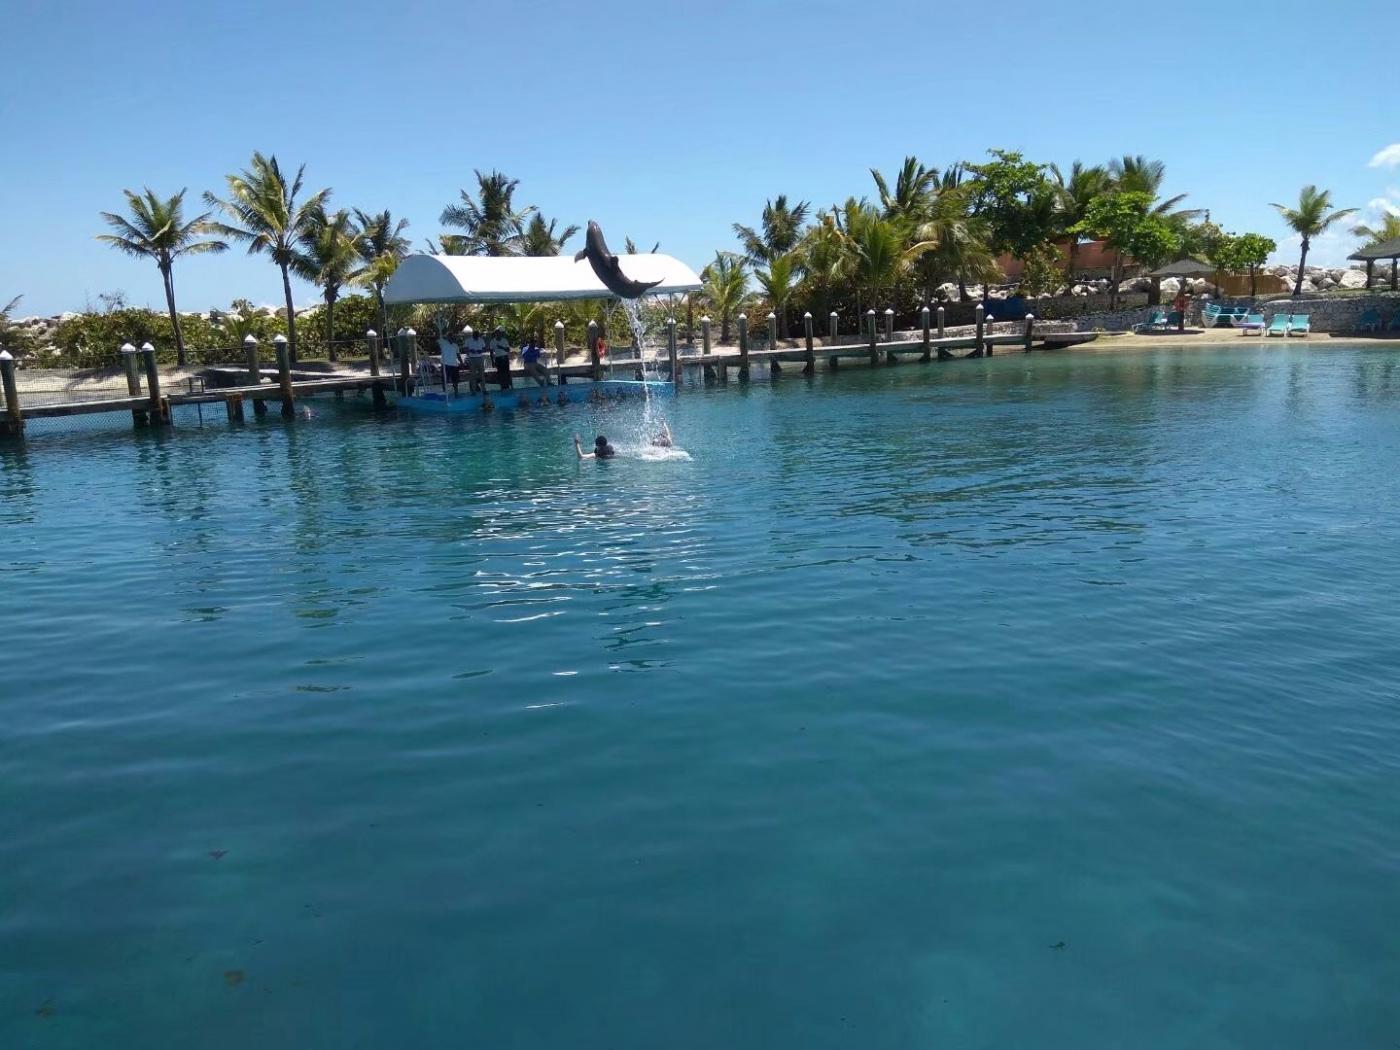 多米尼加有个琥珀湾(图)_图1-9